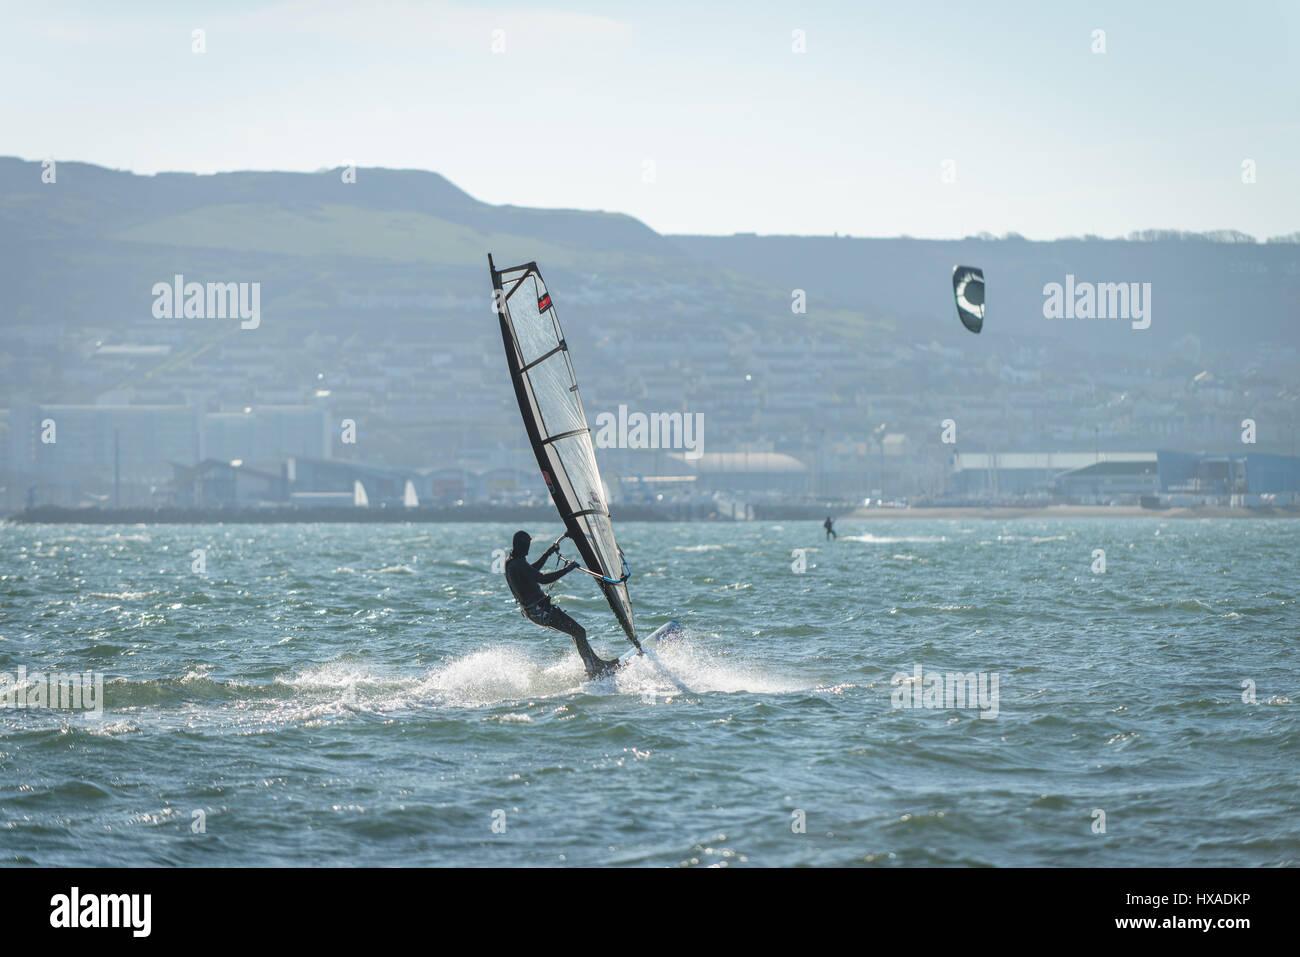 Puerto de Portland, en Dorset, Reino Unido. 26 de marzo de 2017. Un hombre wind surf en un día soleado con Imagen De Stock